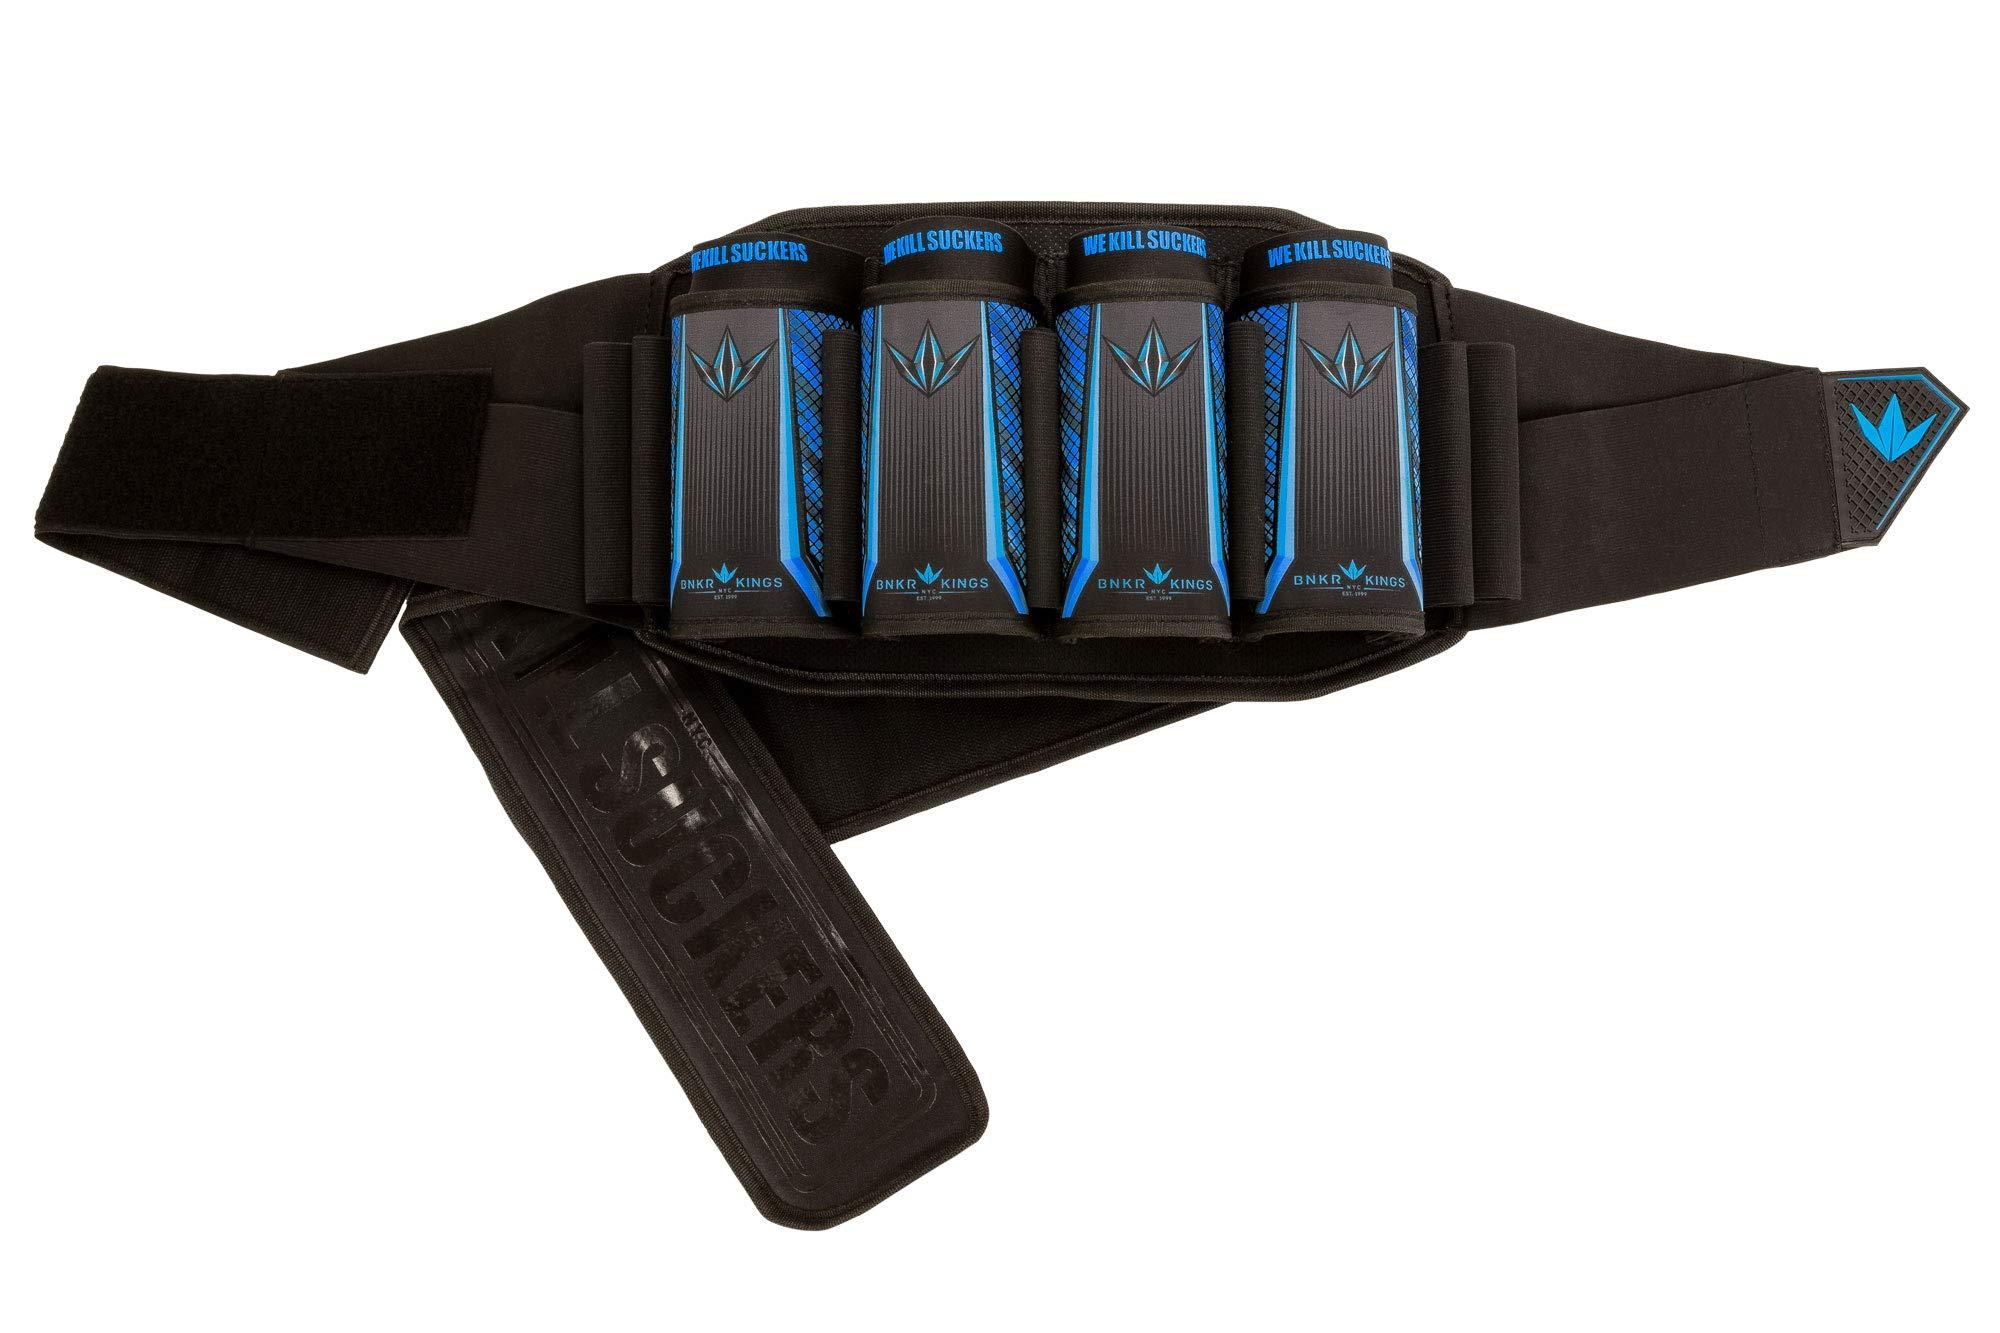 Bunker Kings V5 Supreme Pack Strapless Paintball Harness Pod Pack - 4+7 WKS Royal Blue by Bnkr Kings